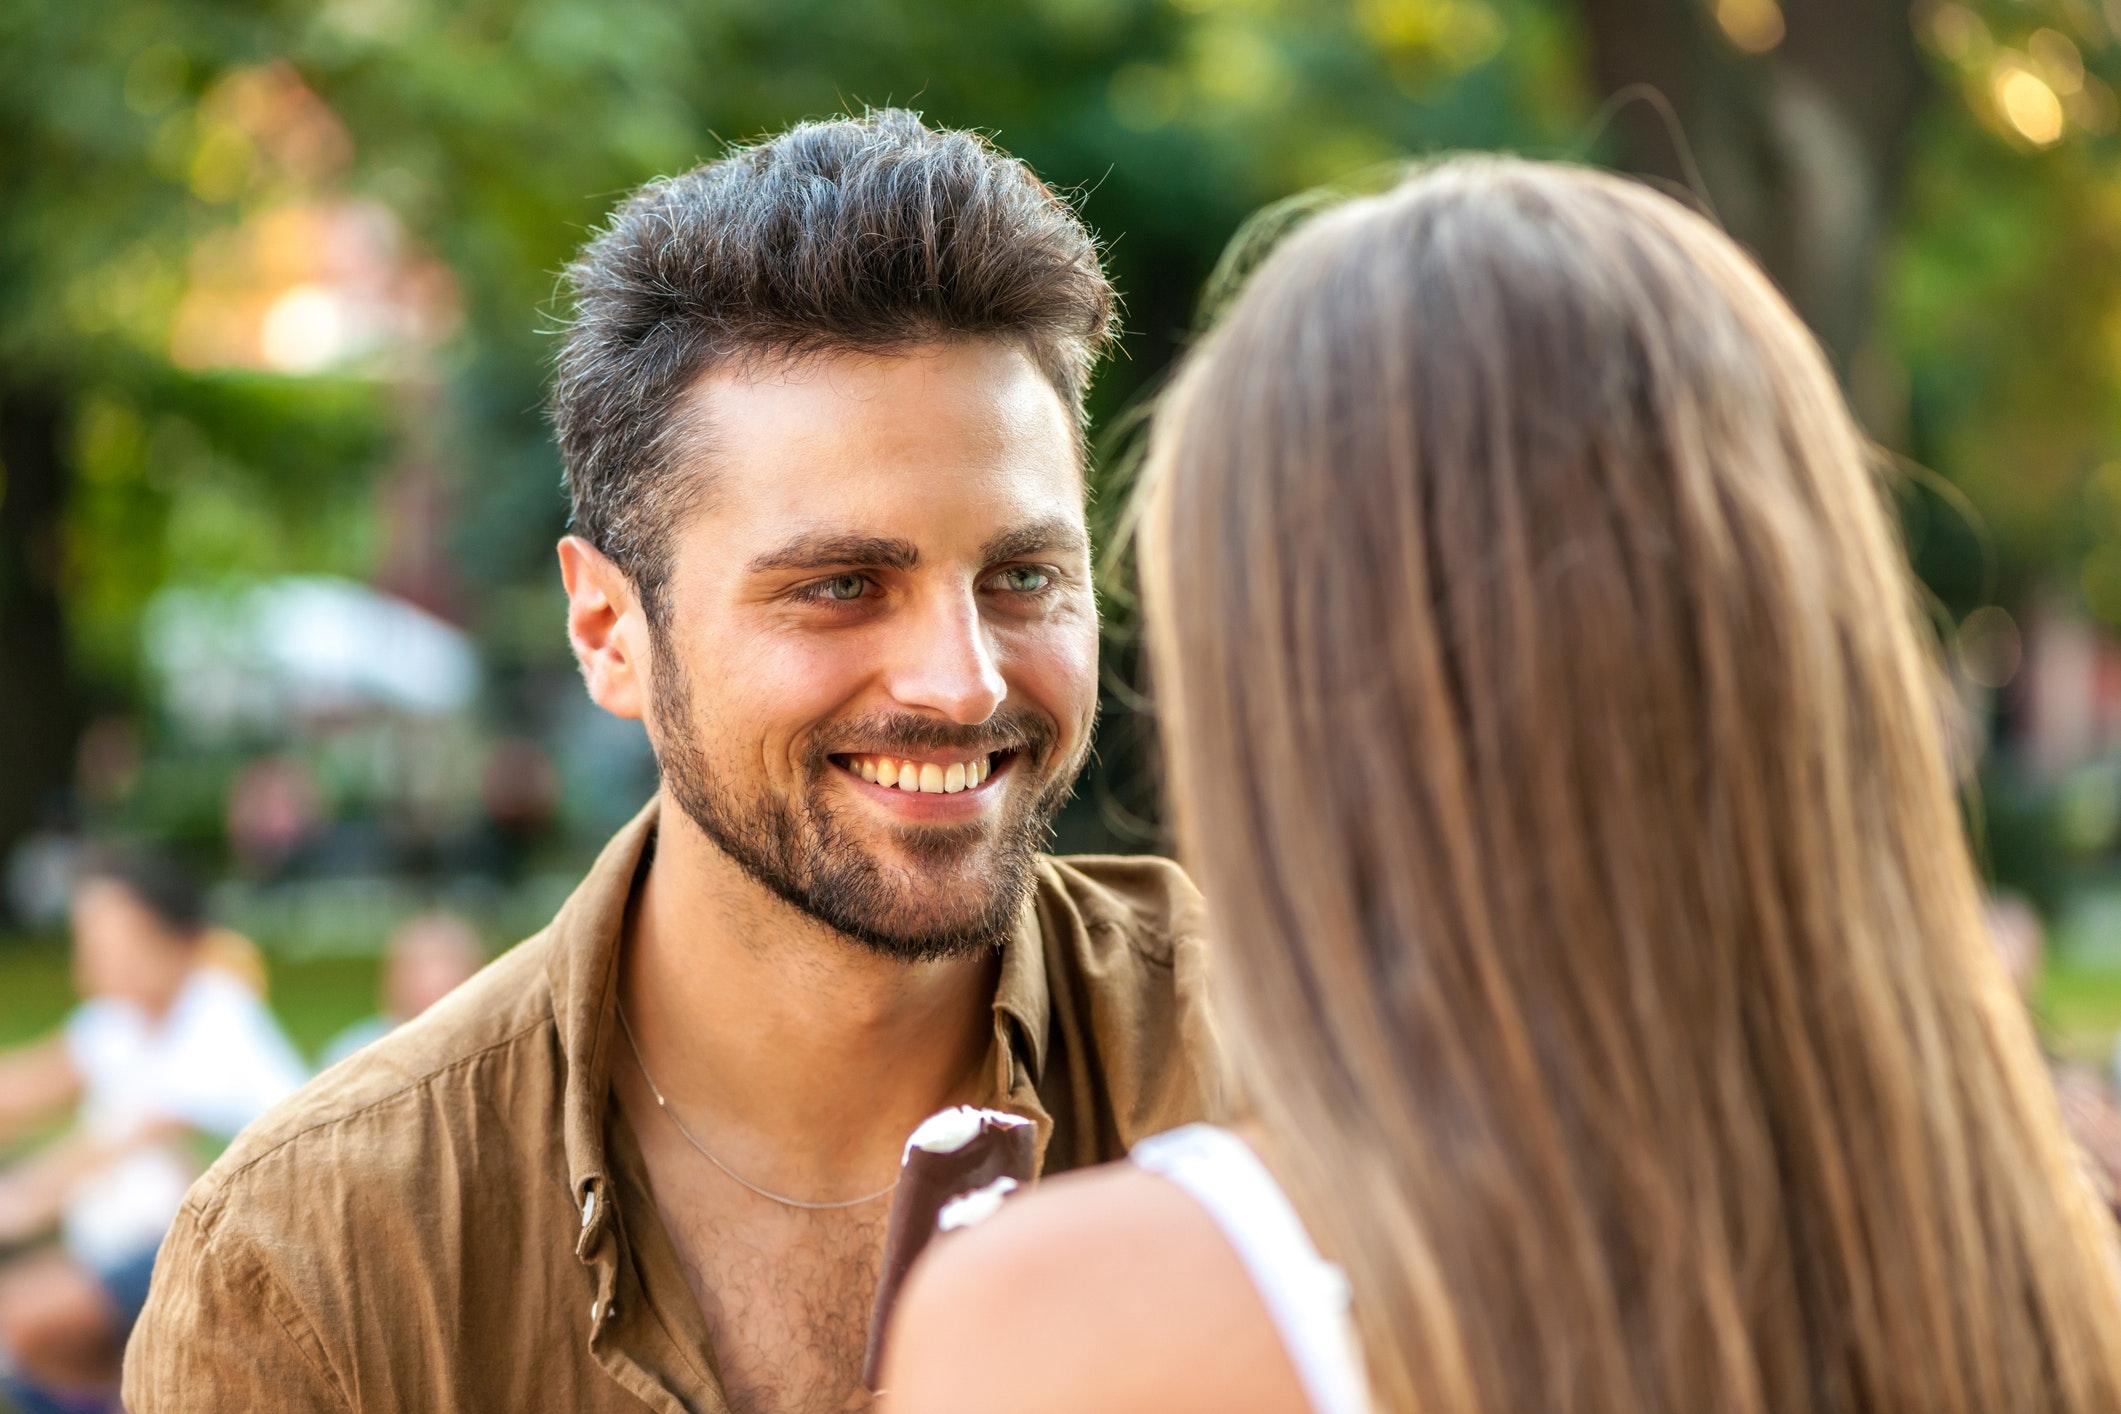 hvordan flirter en mand)